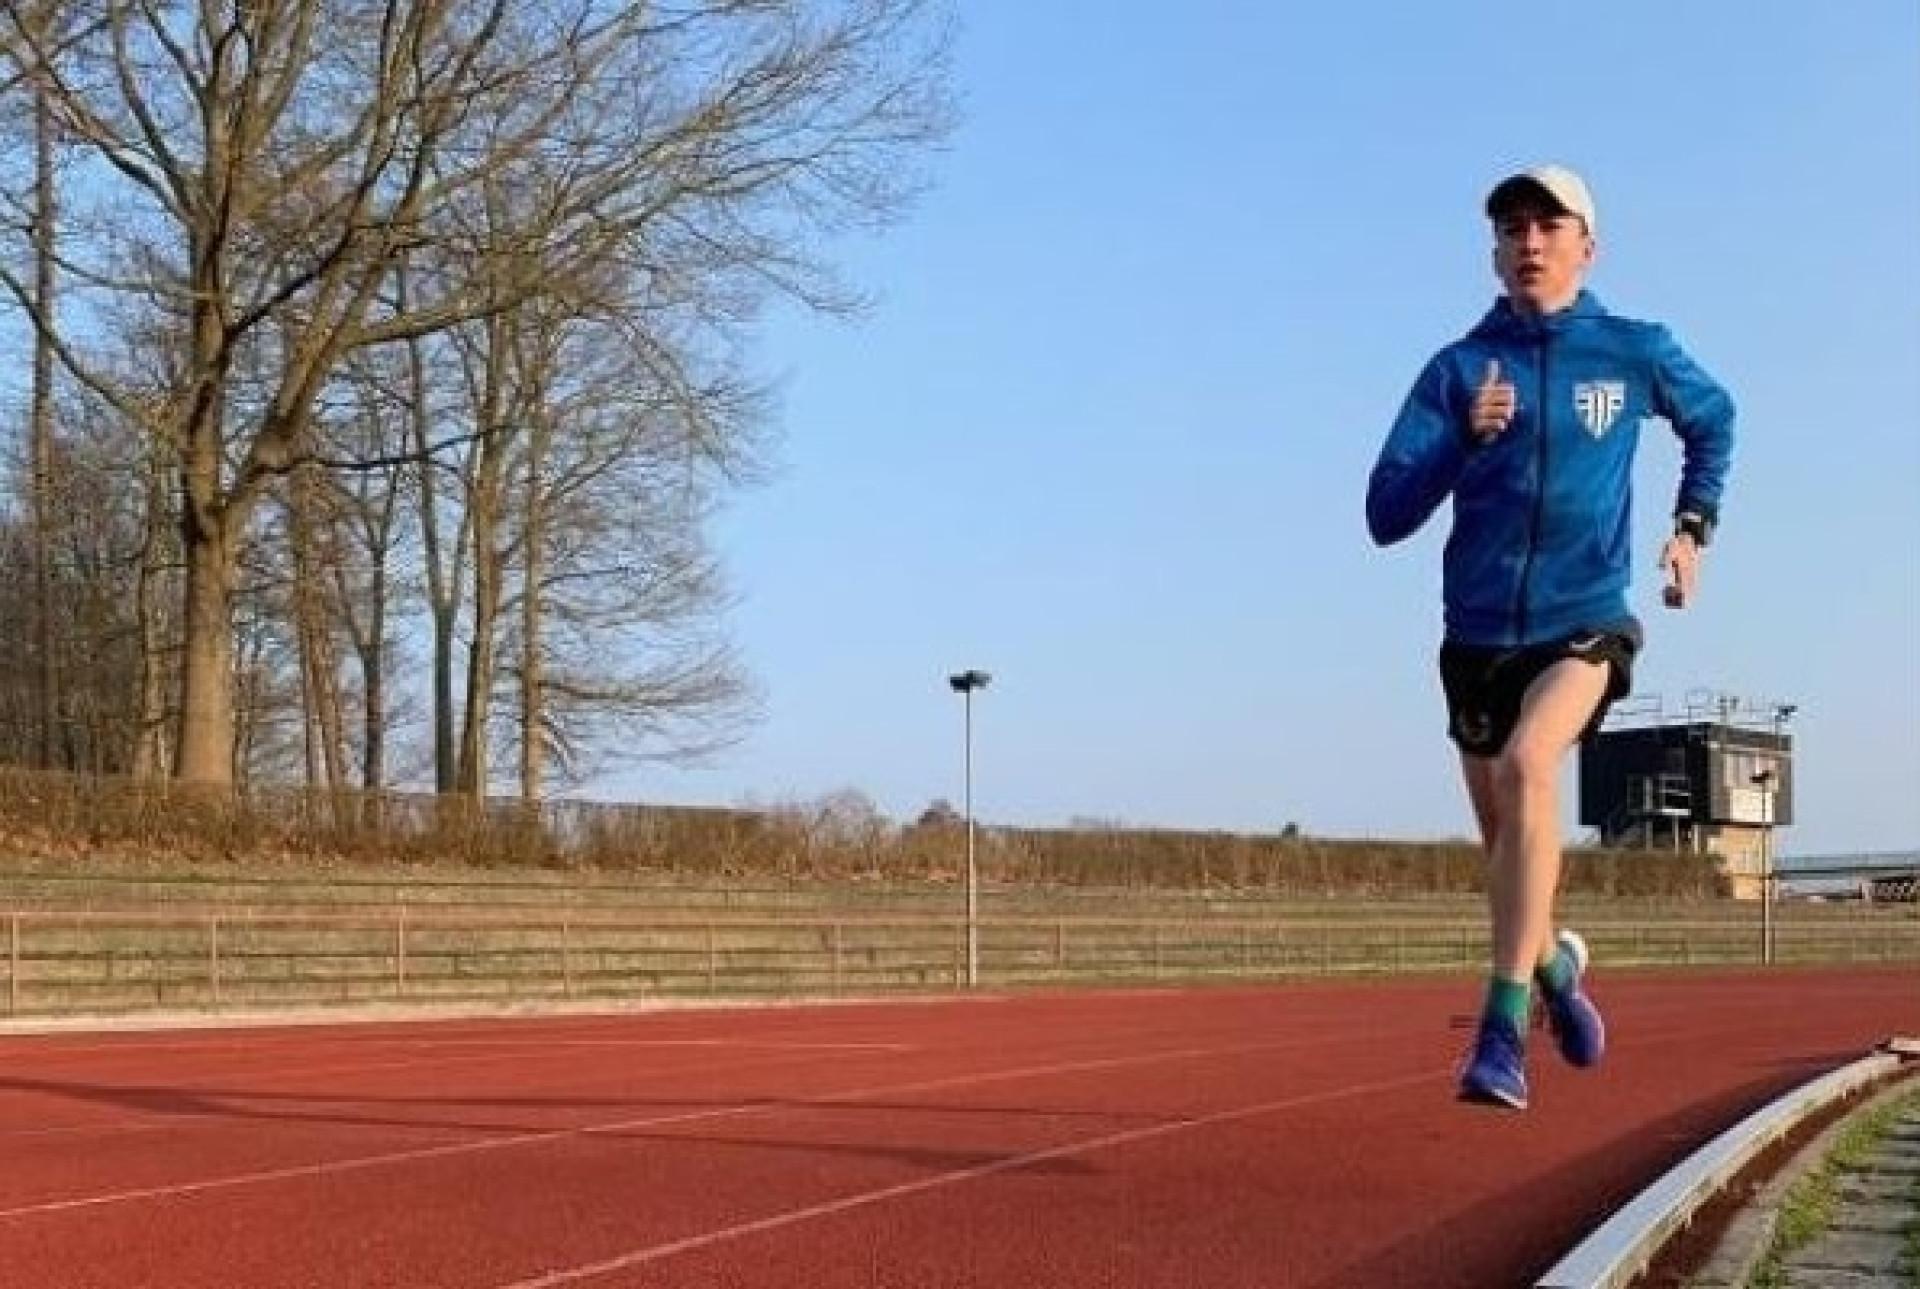 Adolescente de 14 anos faz história ao correr 10 km em meia hora